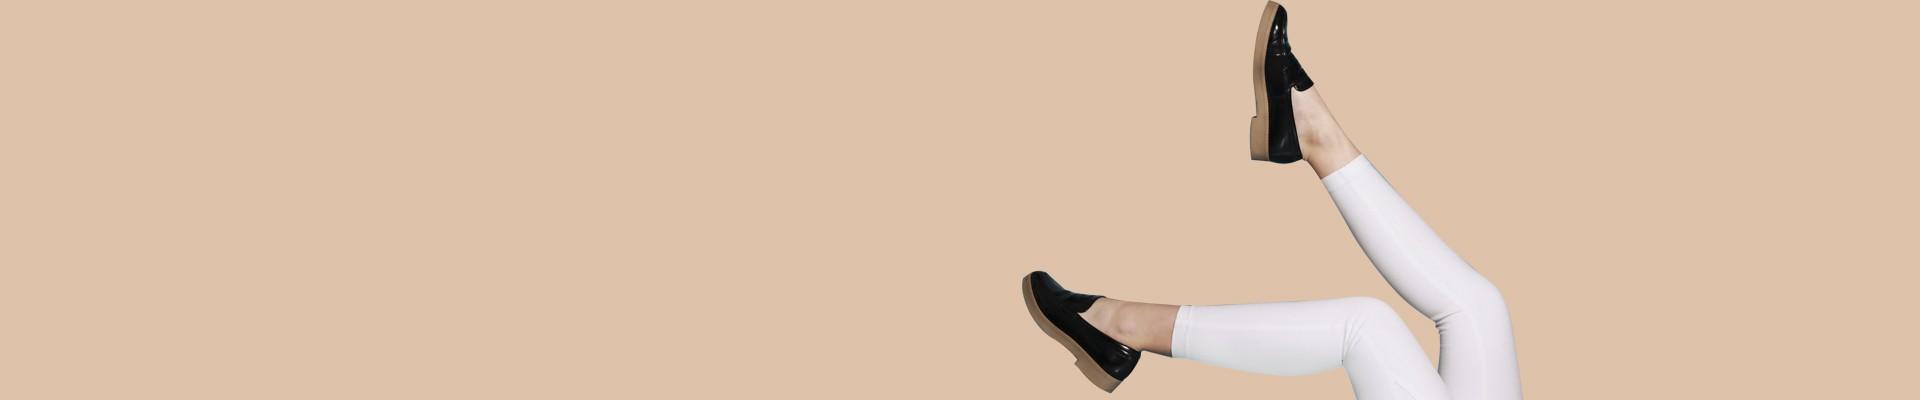 Sepatu Slip On Wanita - Jual Slip On Wanita Model Baru  718dc513a3